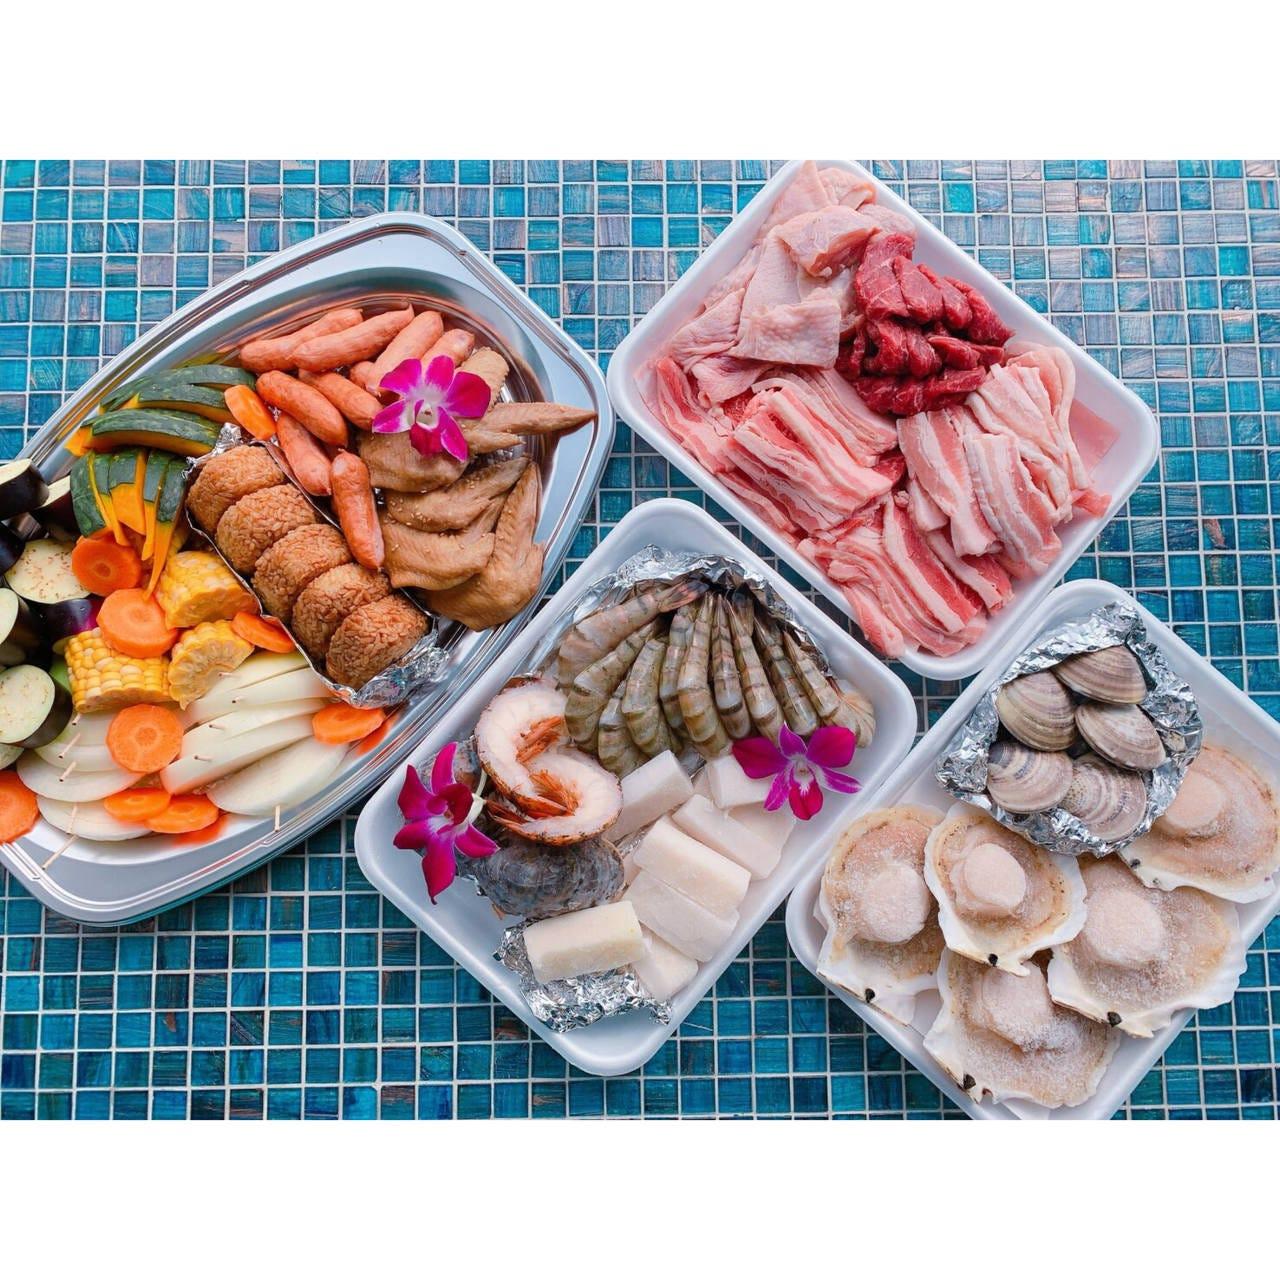 【食材付きBBQ】プレミアムプラン(施設利用料、テーブル利用料込み)ハイシーズン(7/1〜9/30)